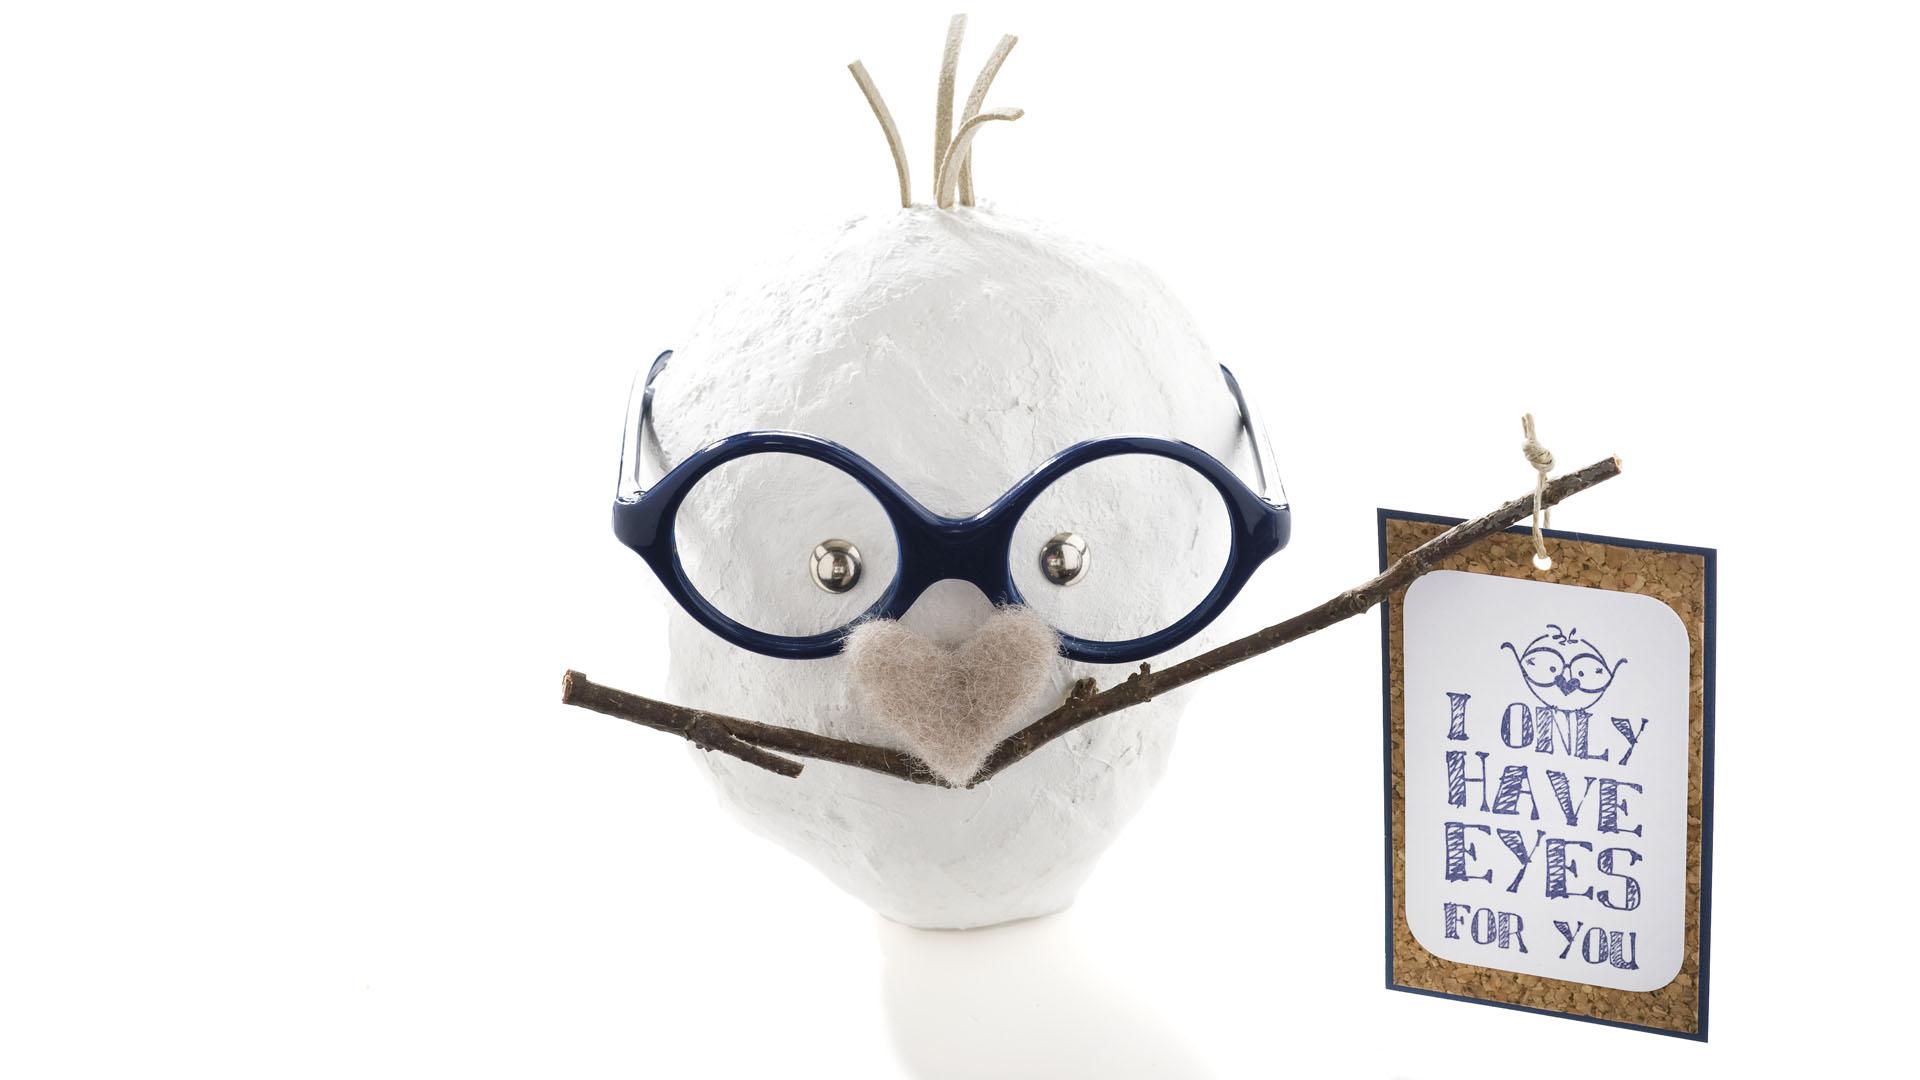 DIY Skulptur: I only have eyes for you. Aus einem mit Gipsbinden überzogenem Styroporei wird mit wenigen Accessoires eine herzerfrischende kleine Skulptur mit Statement in Weiß, Dunkelblau und Naturtönen.